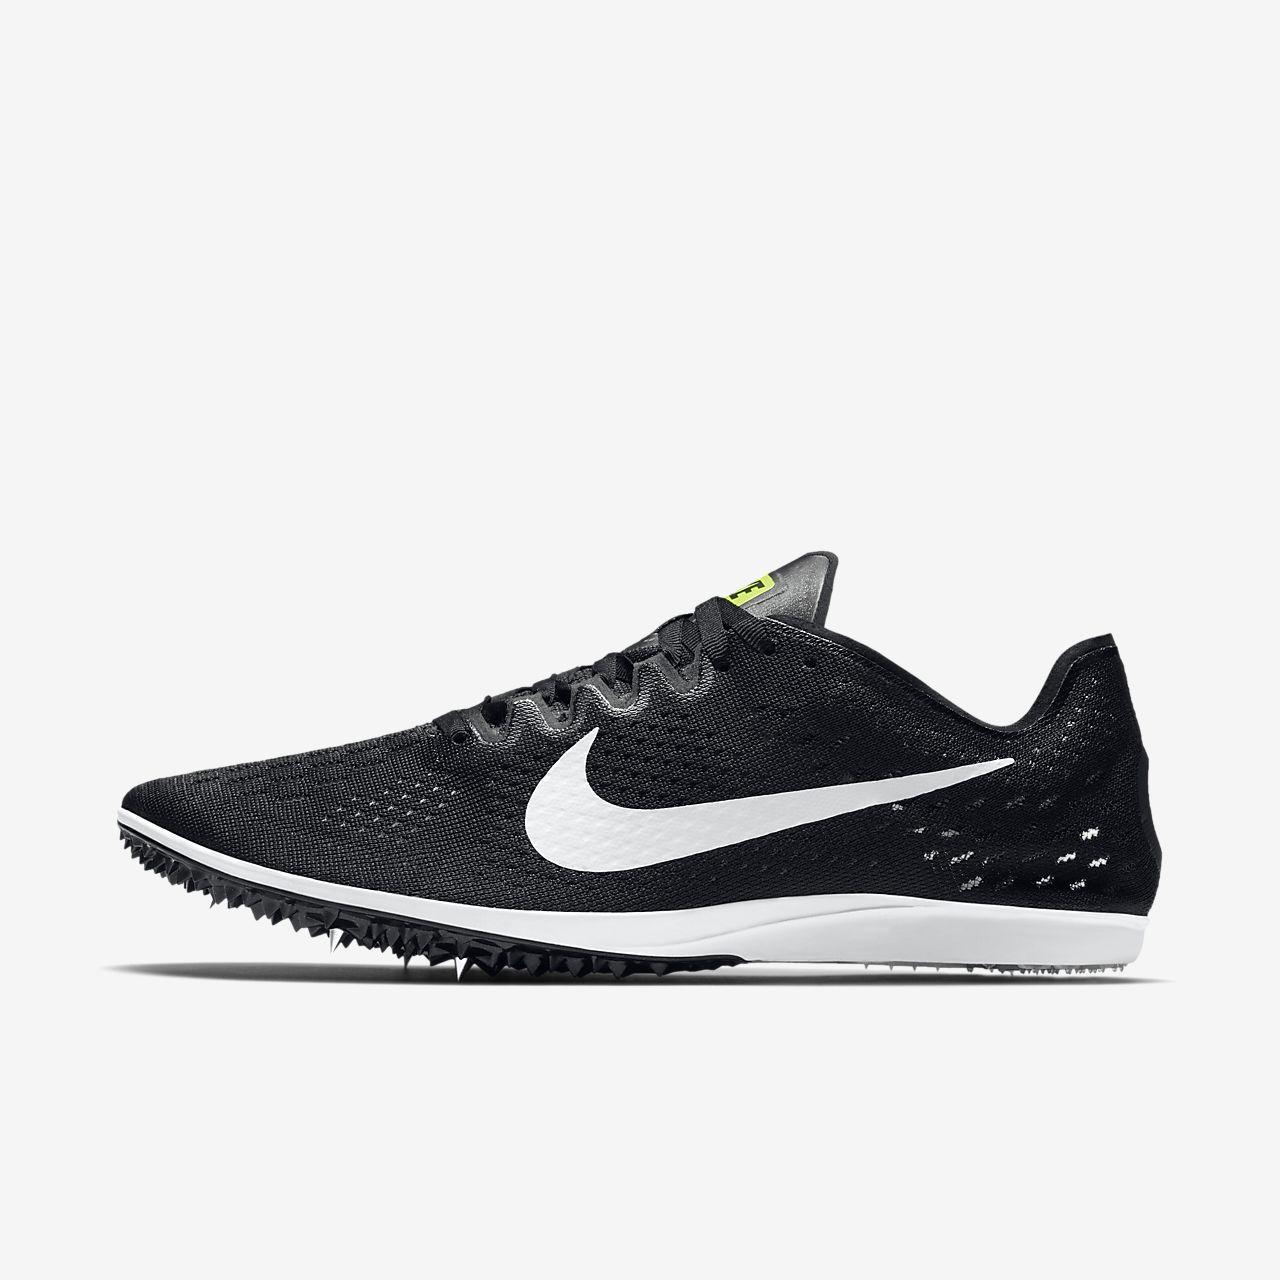 ... Nike Zoom Matumbo 3 Unisex Distance Spike